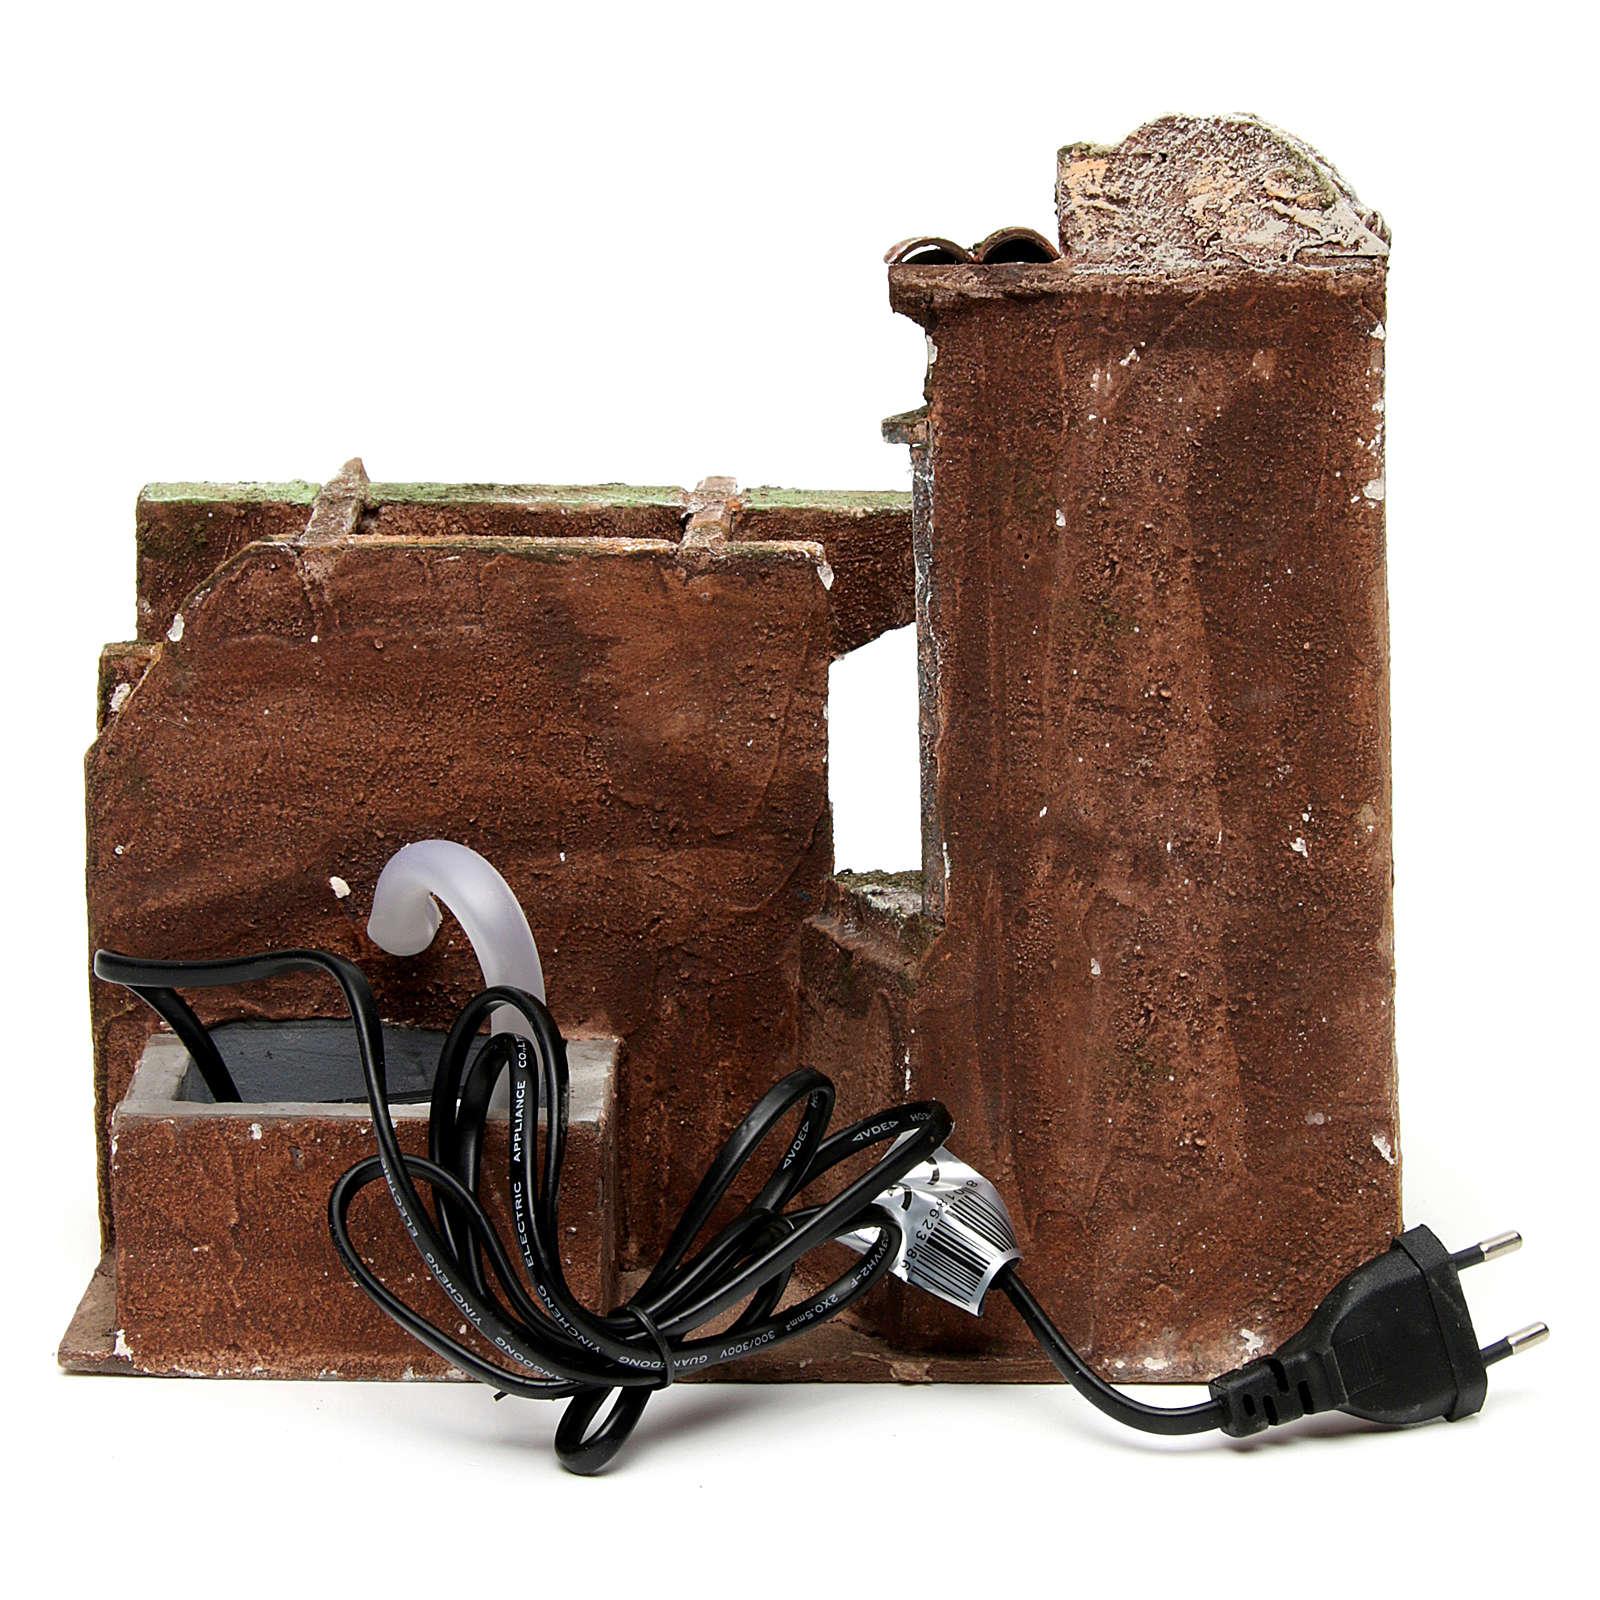 Fuente eléctrica belén doble arco 23x25x15 cm 4